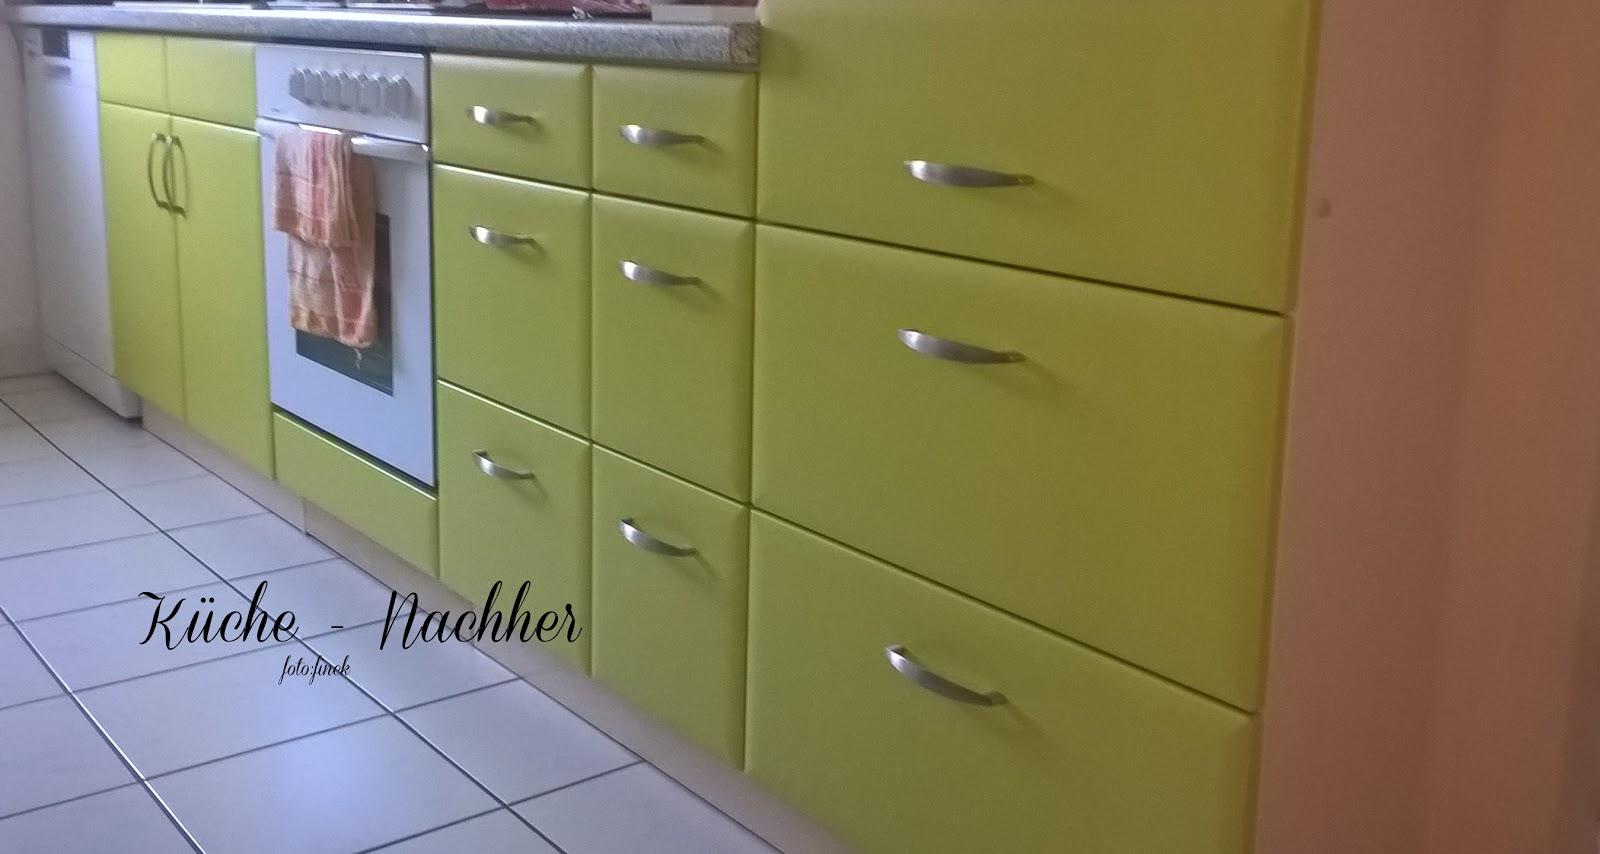 Matte kuchenfronten reinigen k che reinigen u mit diesen for Kuchenfronten reinigen